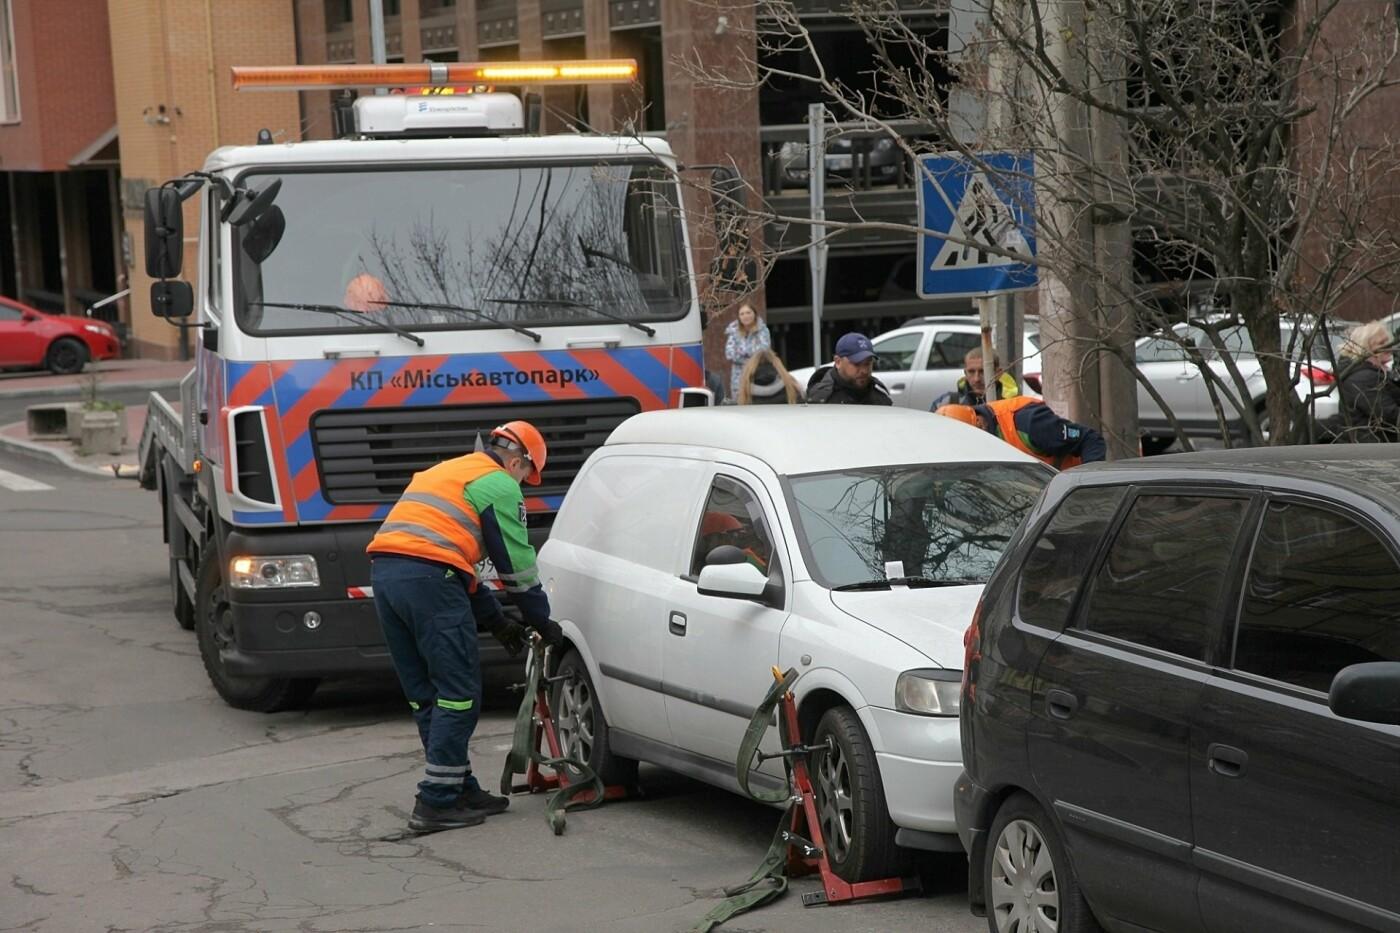 Водители реагируют эмоционально: как в Днепре эвакуируют автомобили, - ФОТО, фото-1